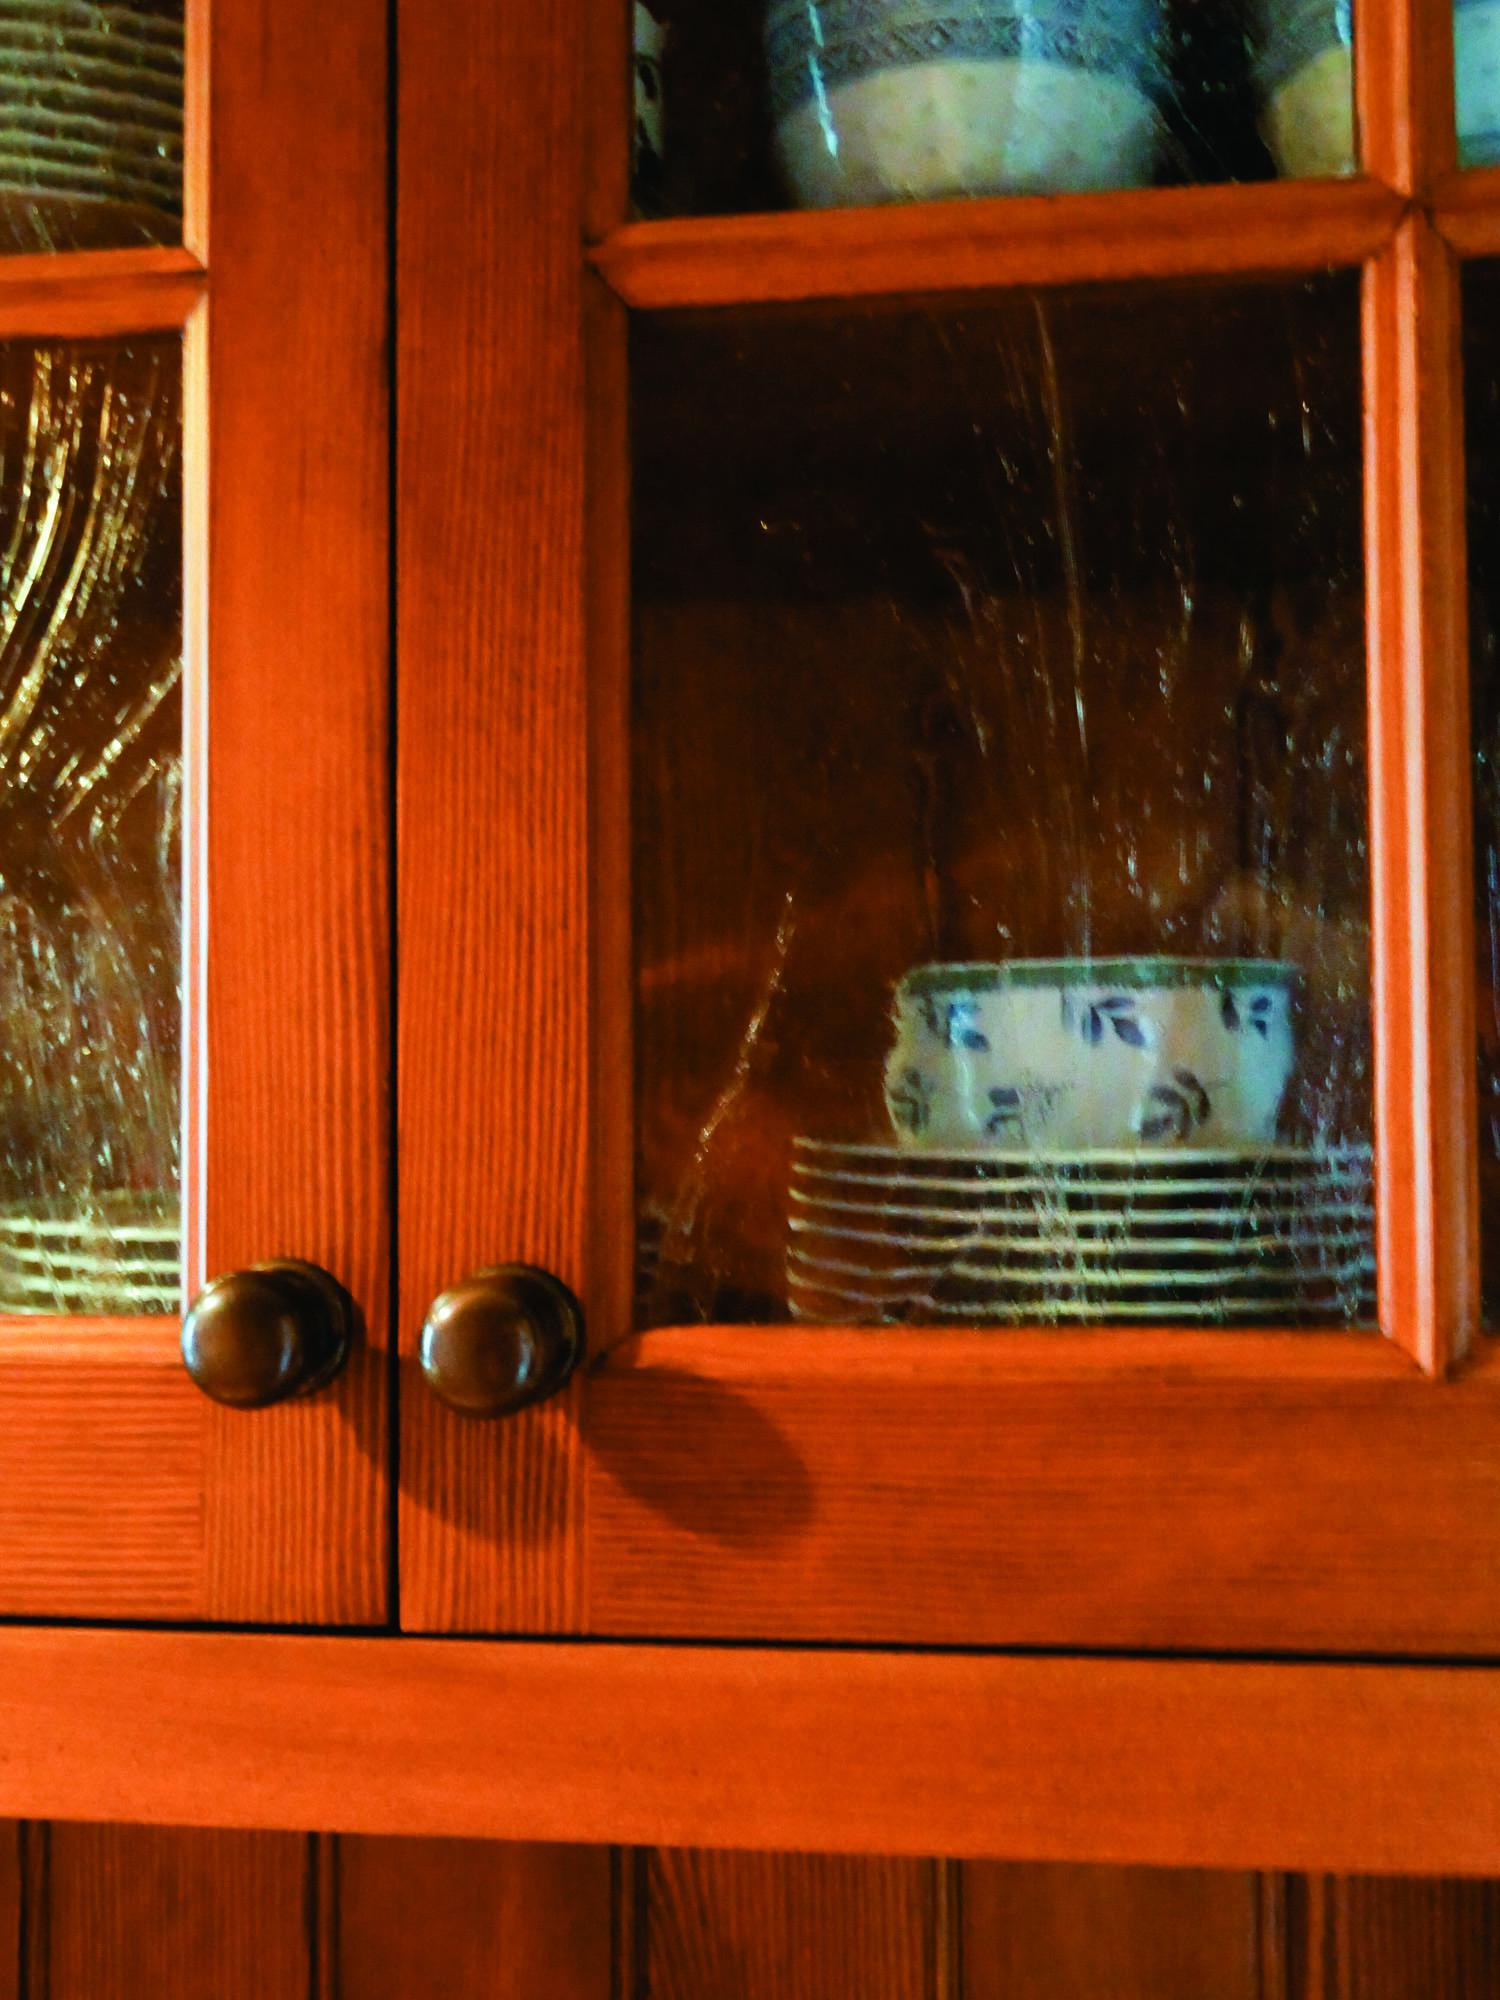 3 pantry glass det-cbates-17aj-_4010060_gn